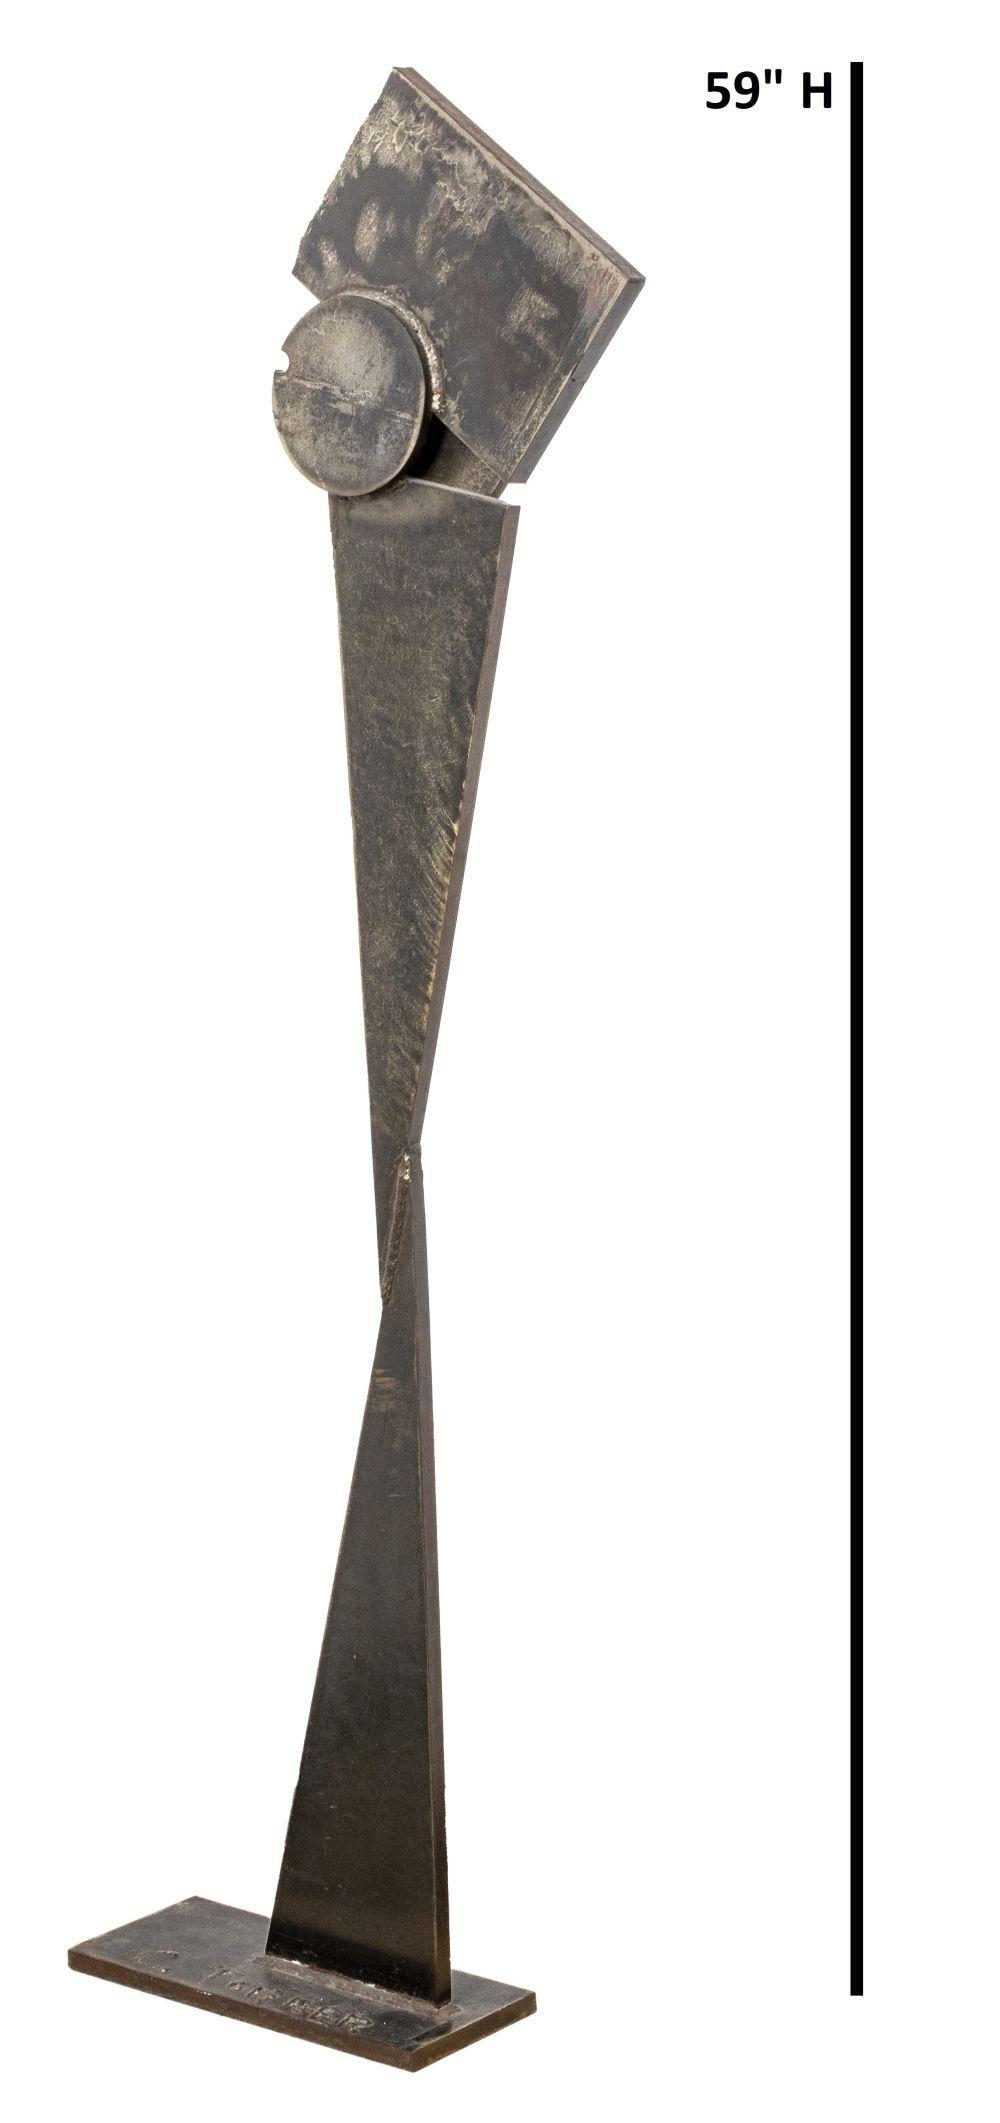 Torner Signed Monumental Iron Brutalist Sculpture